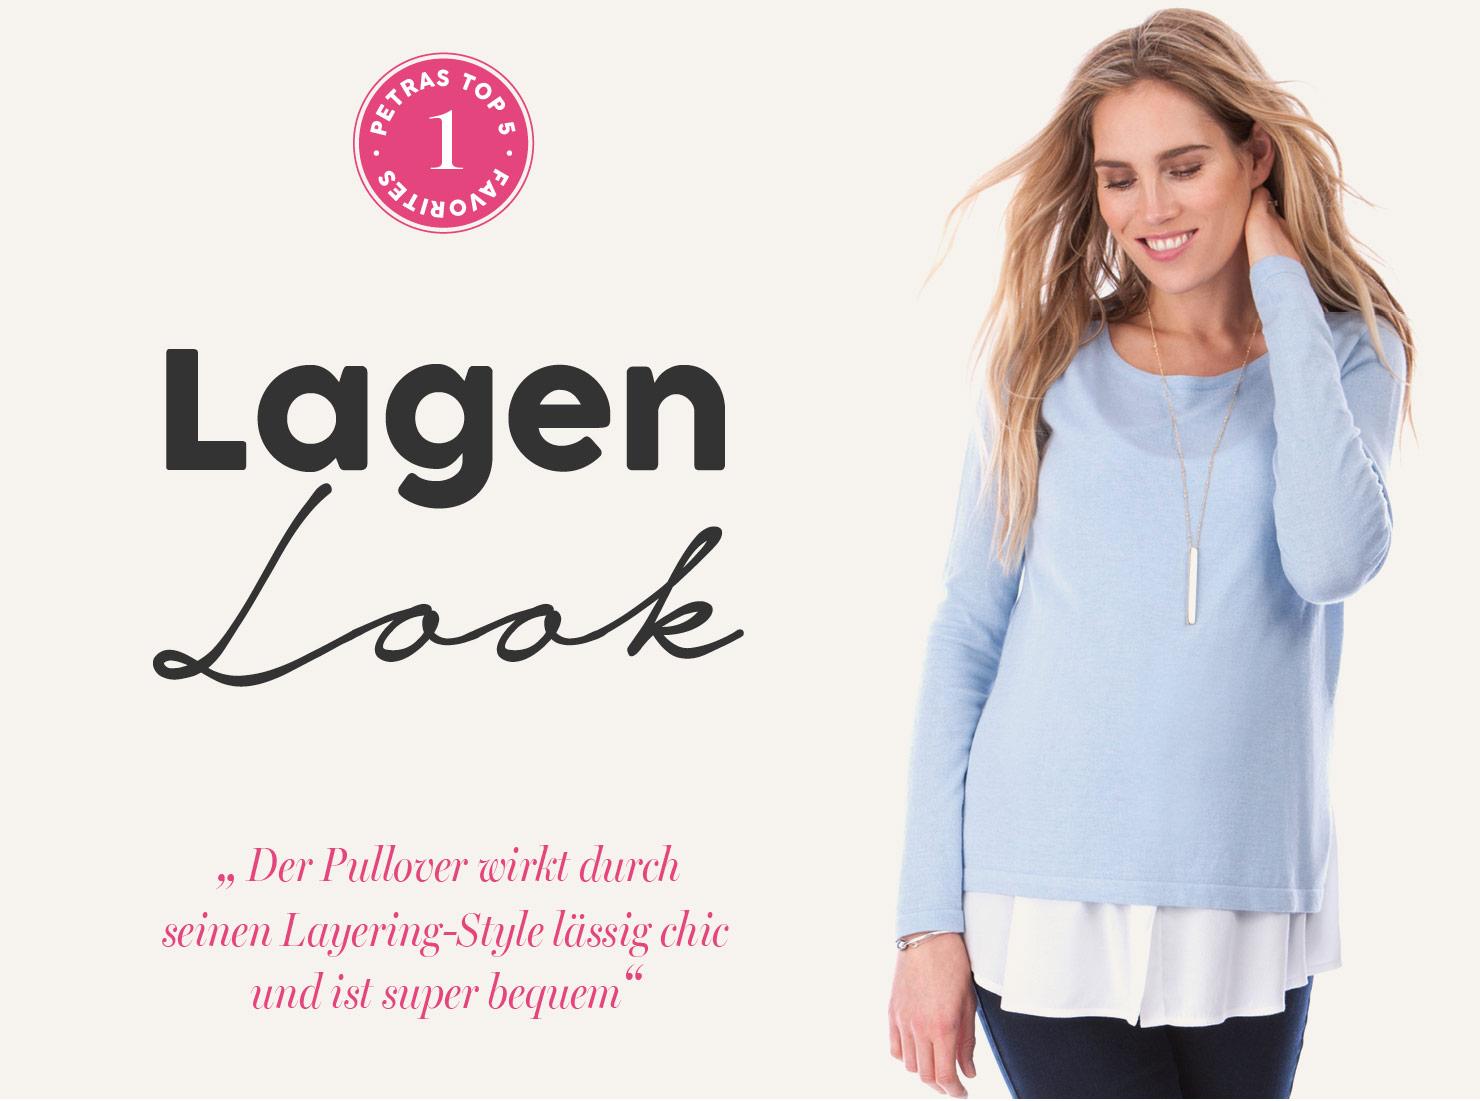 Tolle Umstandsmode: Umstands-und-still-pullover-1 im Lagenlook